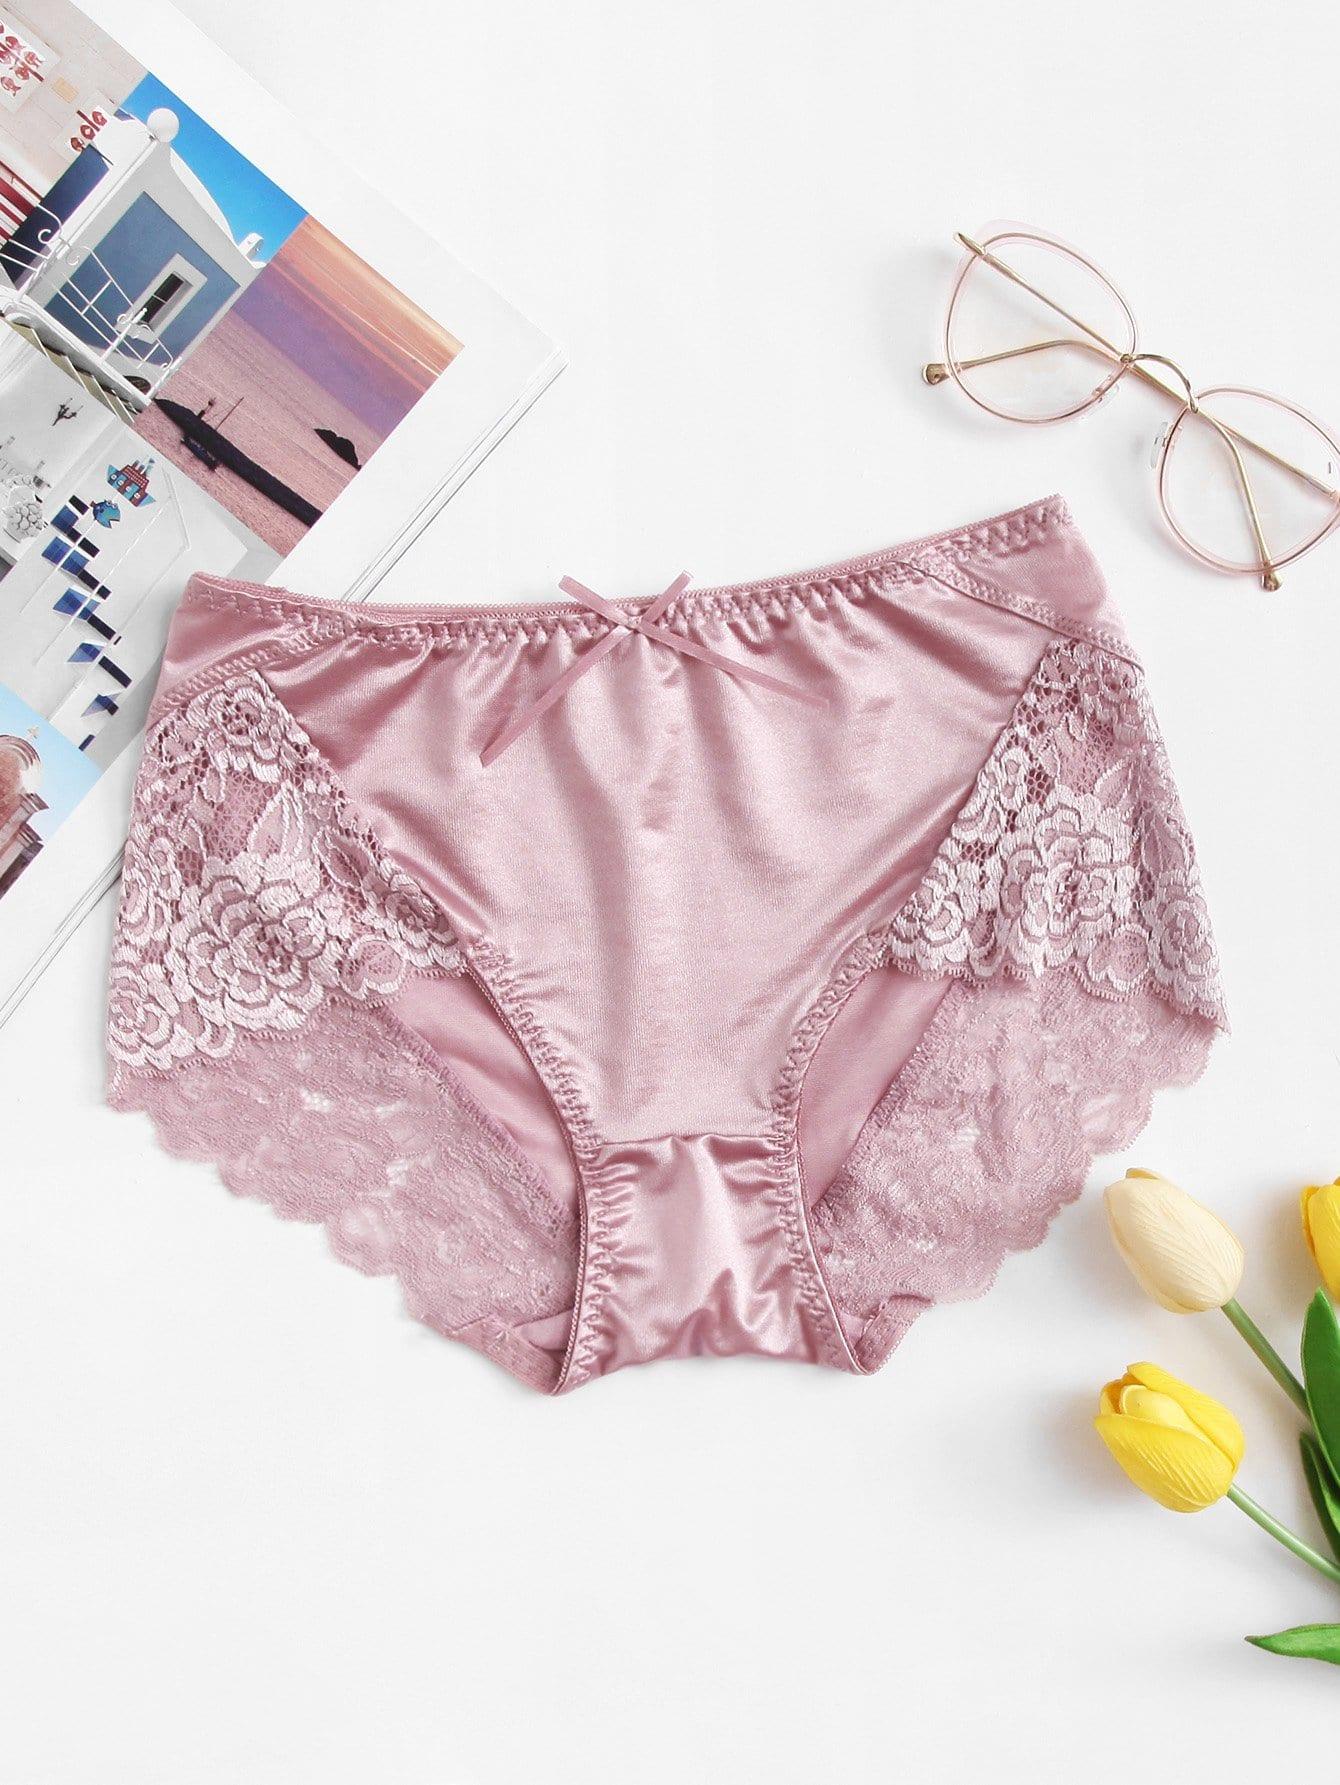 Contrast Lace Panty lace up panty